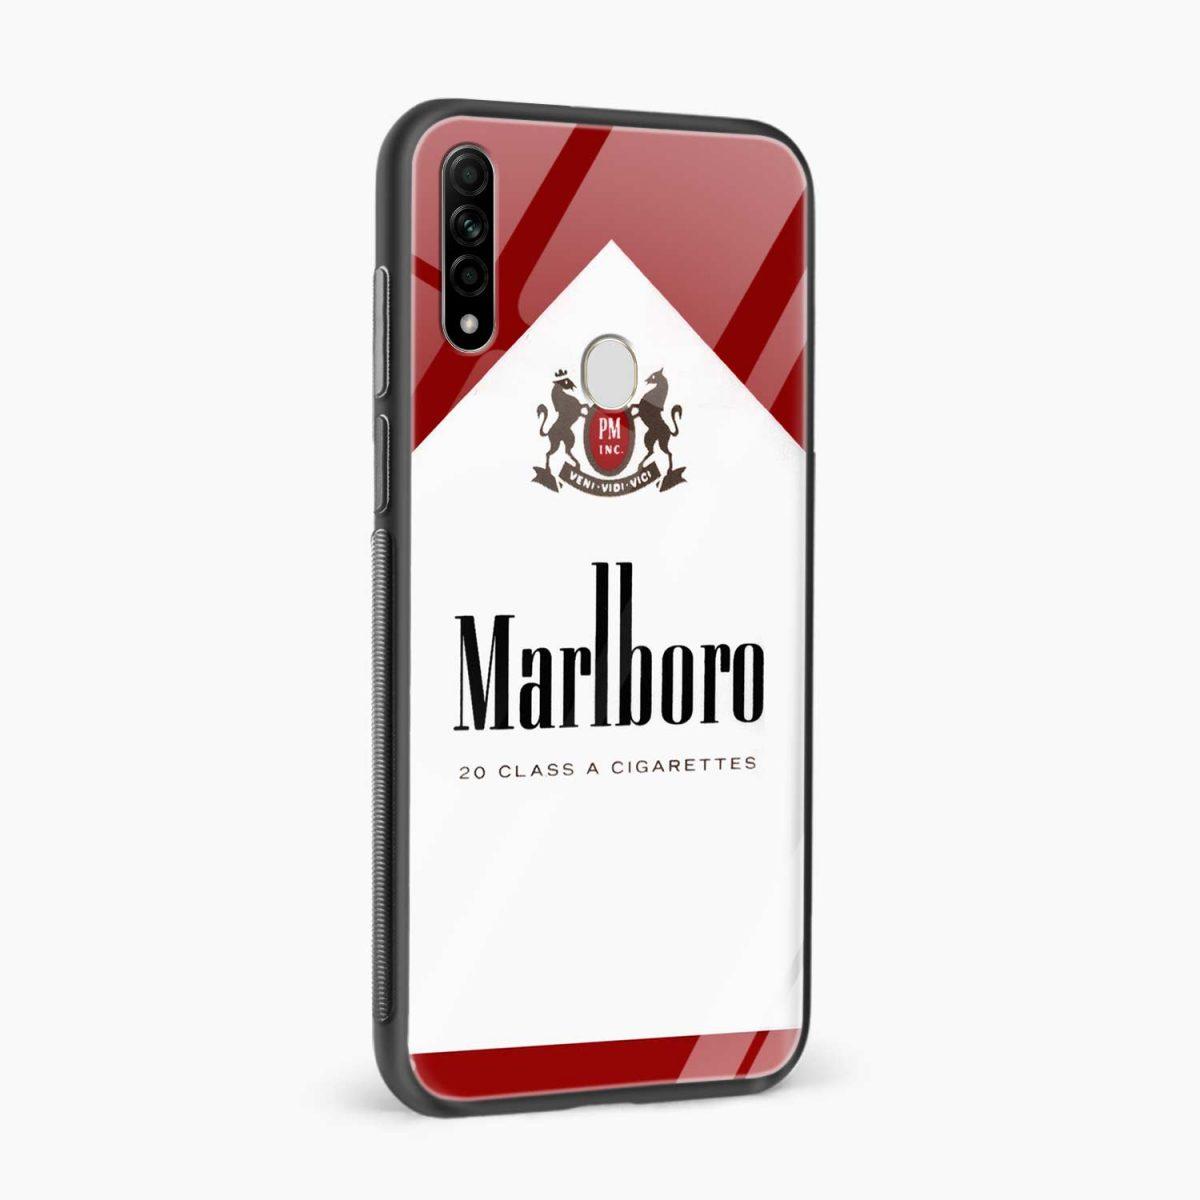 marlboro cigarette box side view oppo a31 back cover